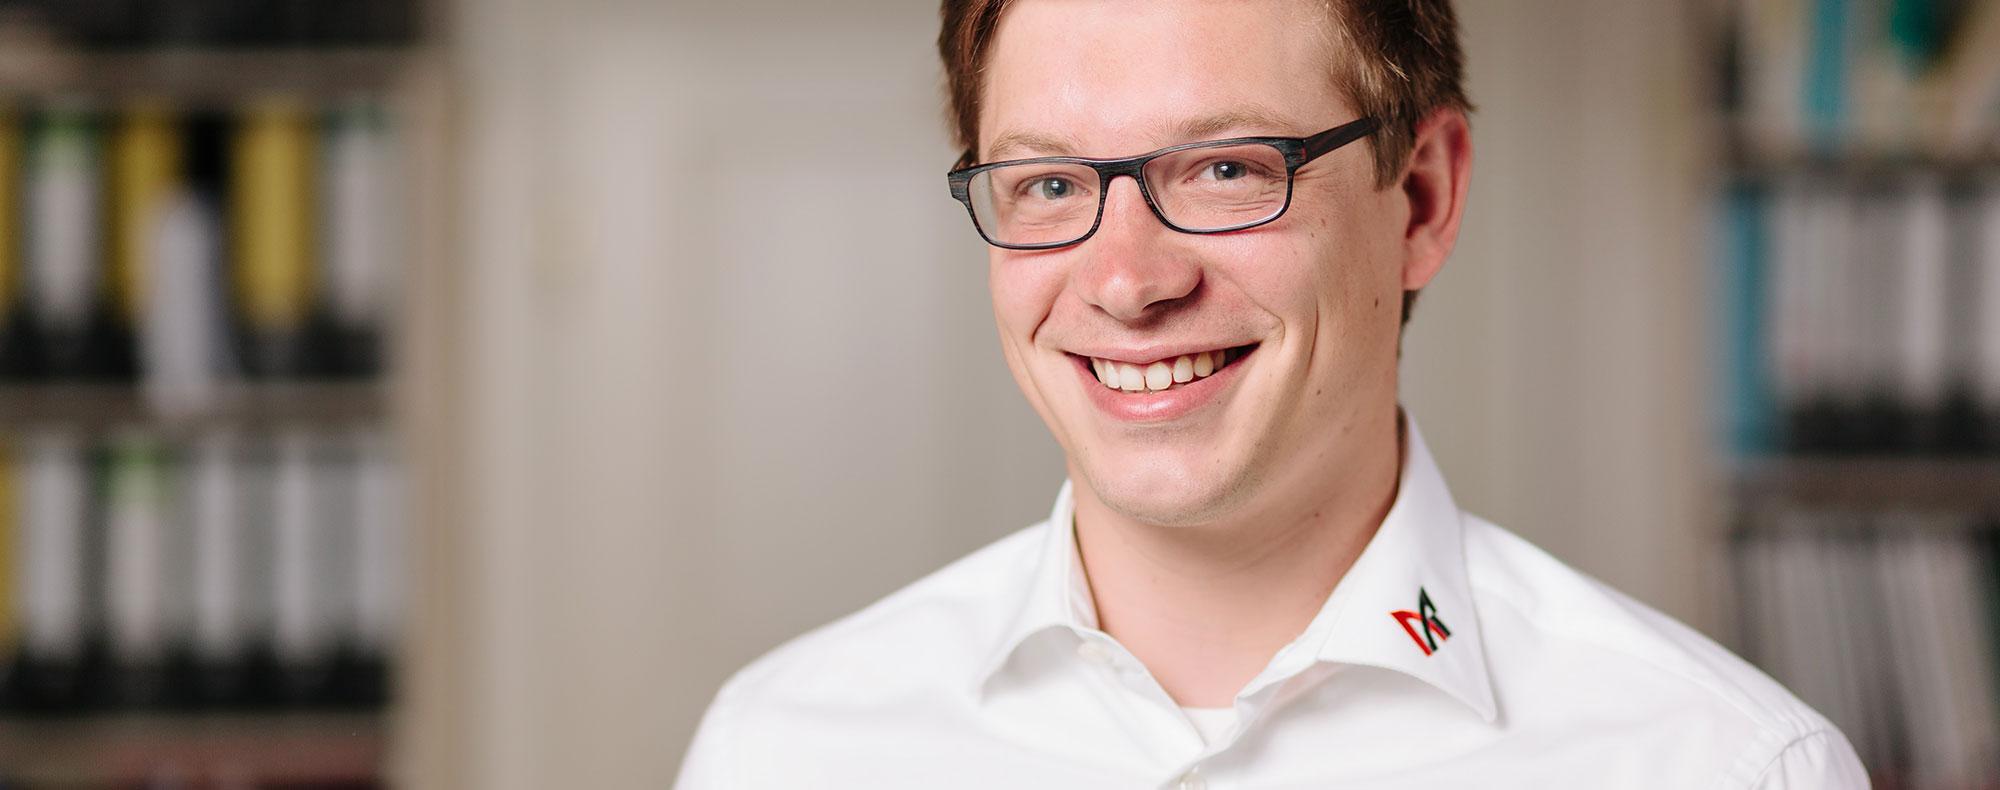 Christian Borsch - Ingenieurbüro Reihsner Wittlich